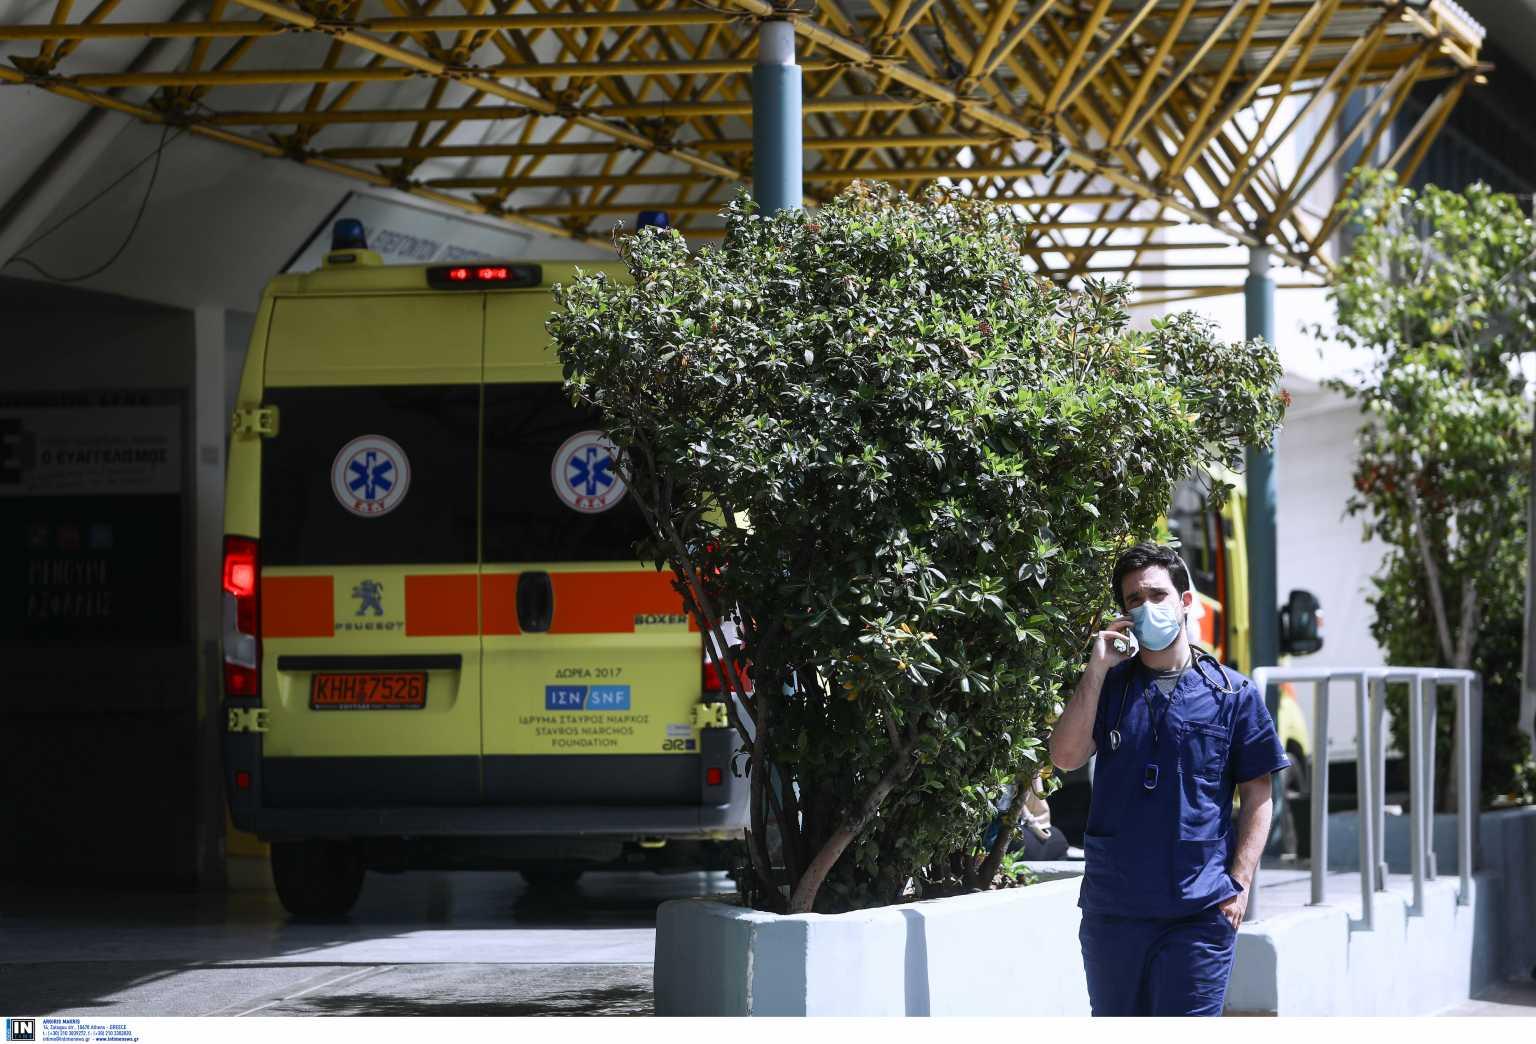 Κορονοϊός: Καμπανάκι για τους κάτω των 55 ετών – Σταδιακή υποχώρηση του δείκτη θετικότητας